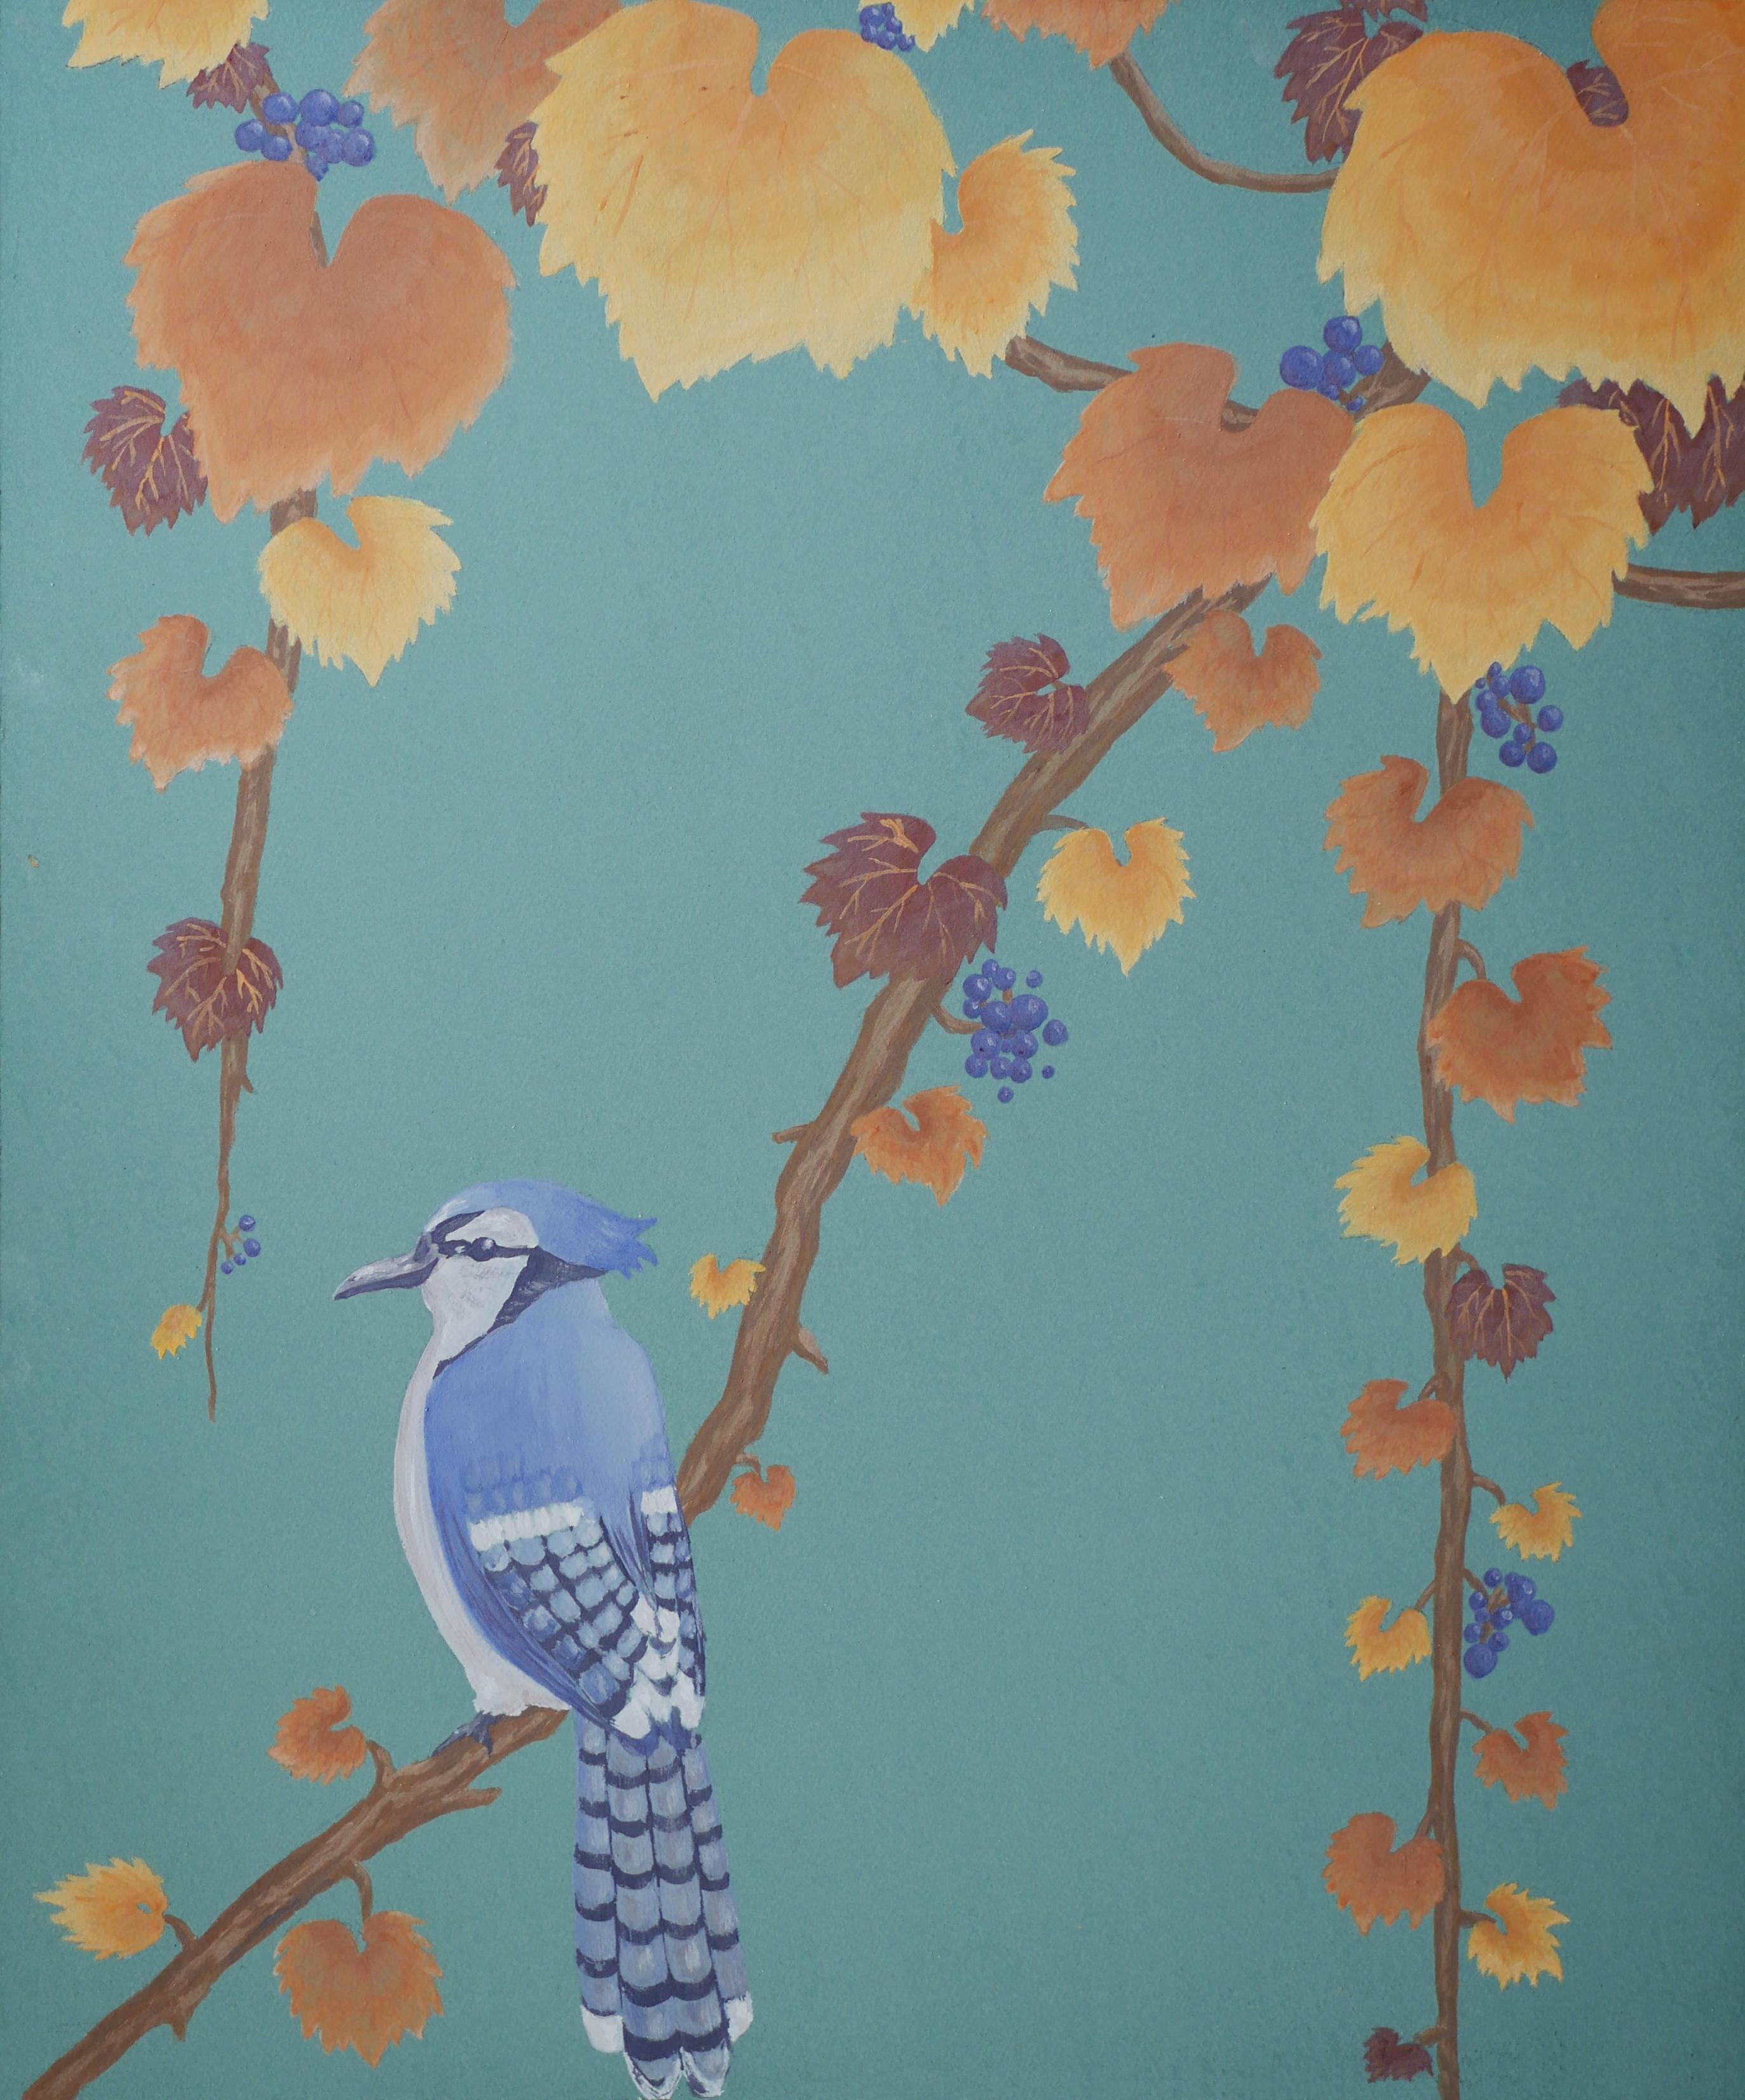 Décor Geai Bleu et feuilles de vignes, inspiration estampes japonaises. Assilem décors, peintre en décor Bordeaux, décoration intérieure, peintre décoratrice